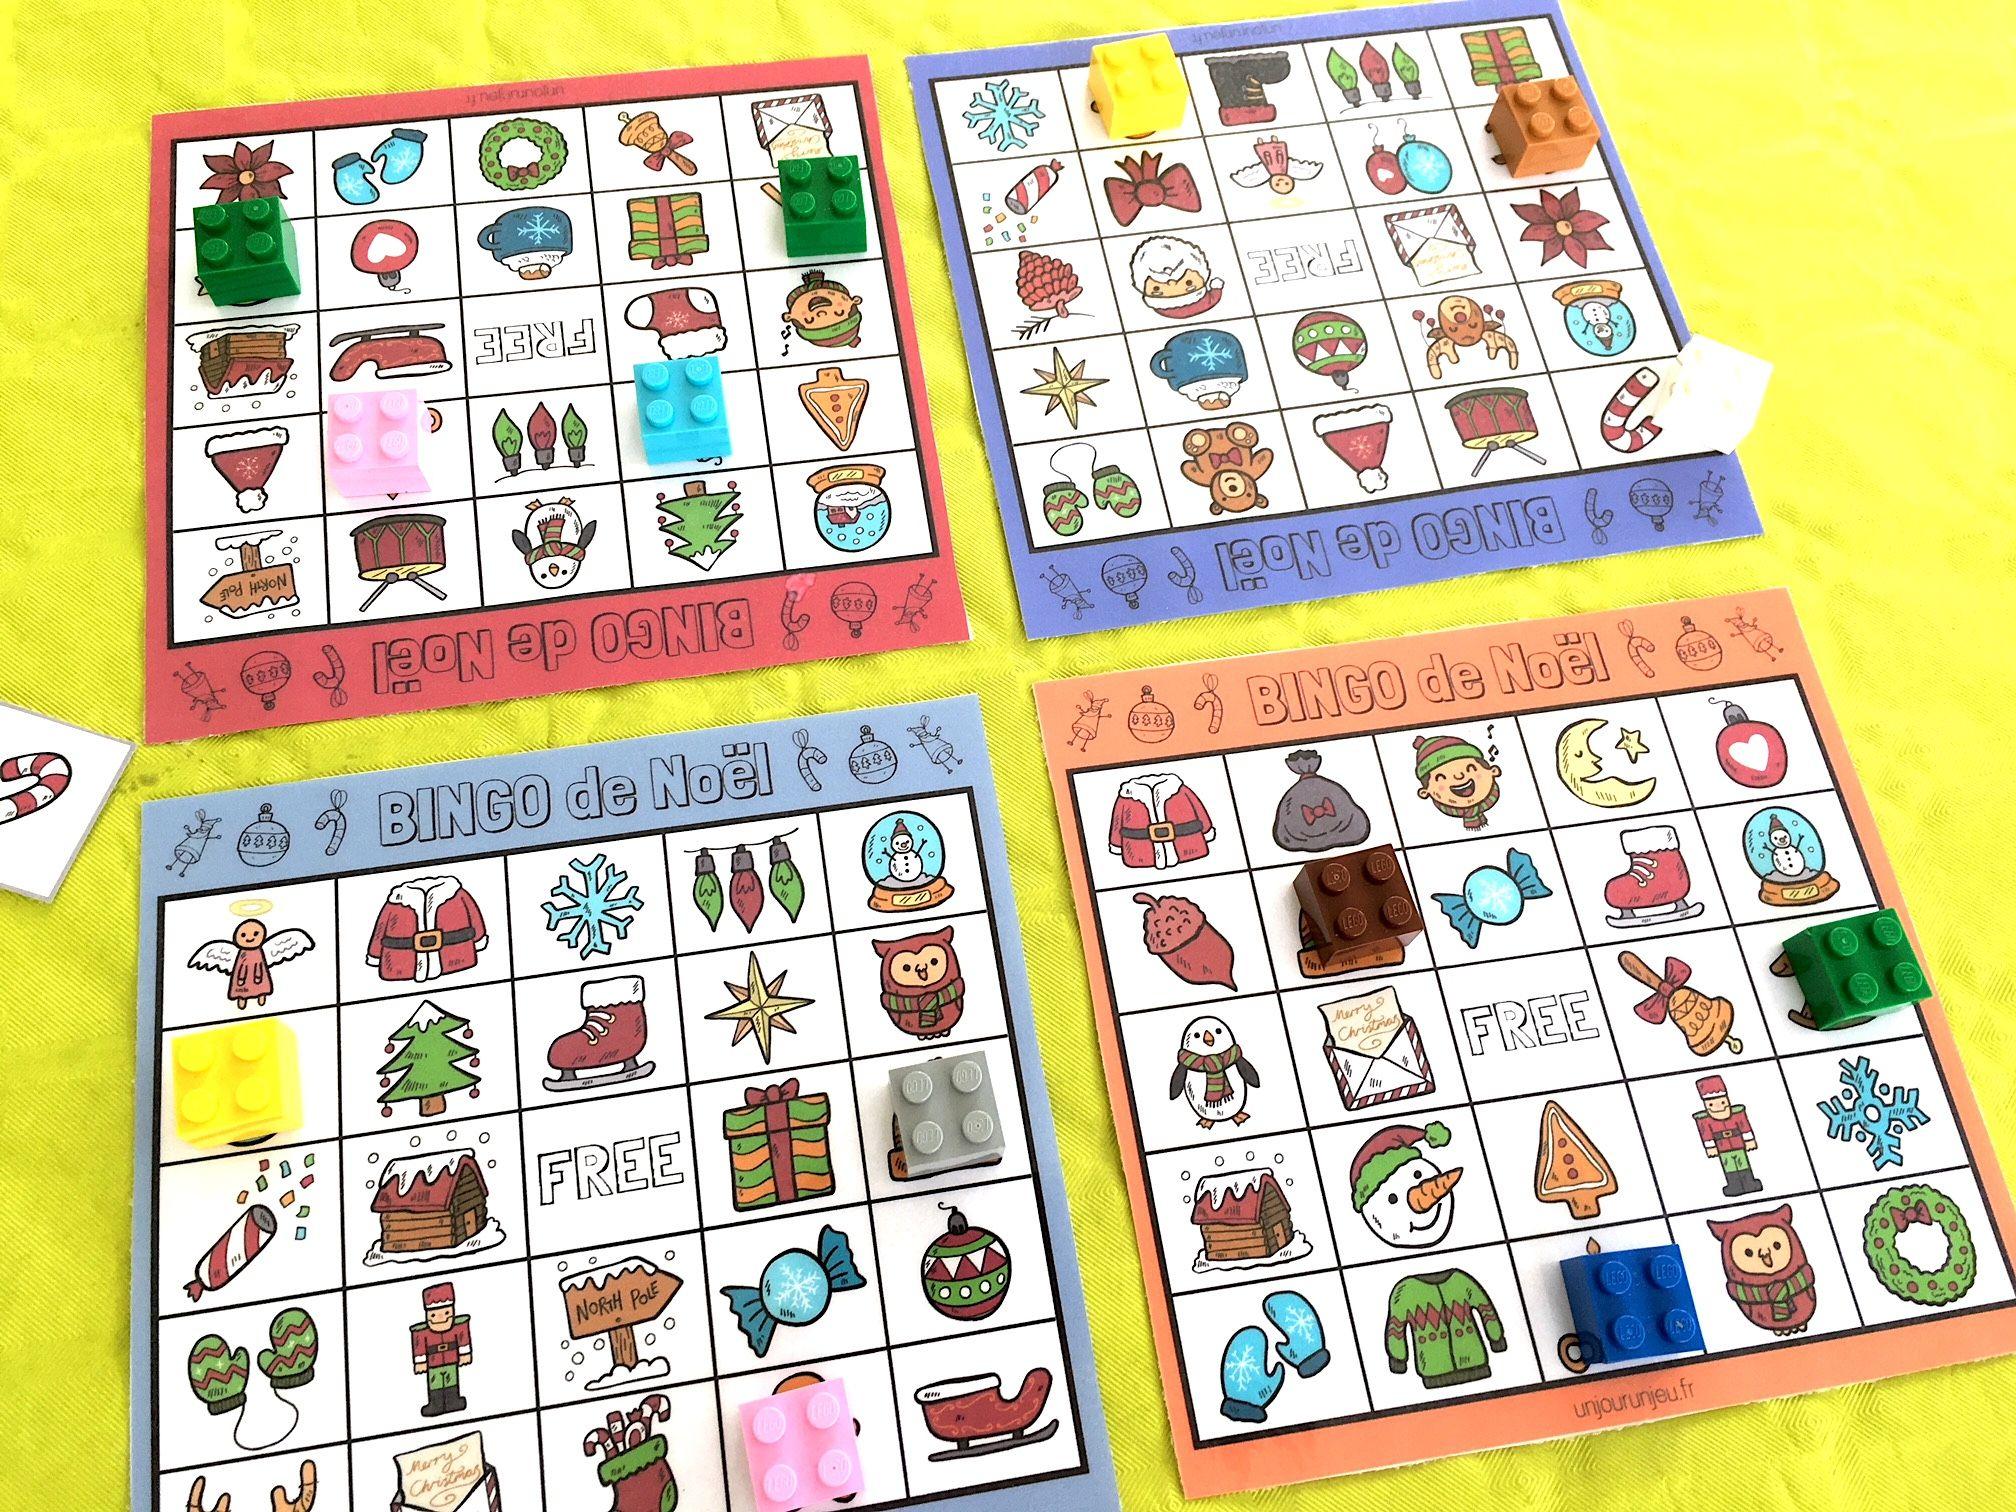 Jeu De Noël : Bingo À Télécharger Gratuitement Pour Vos à Telecharger Jeux Enfant